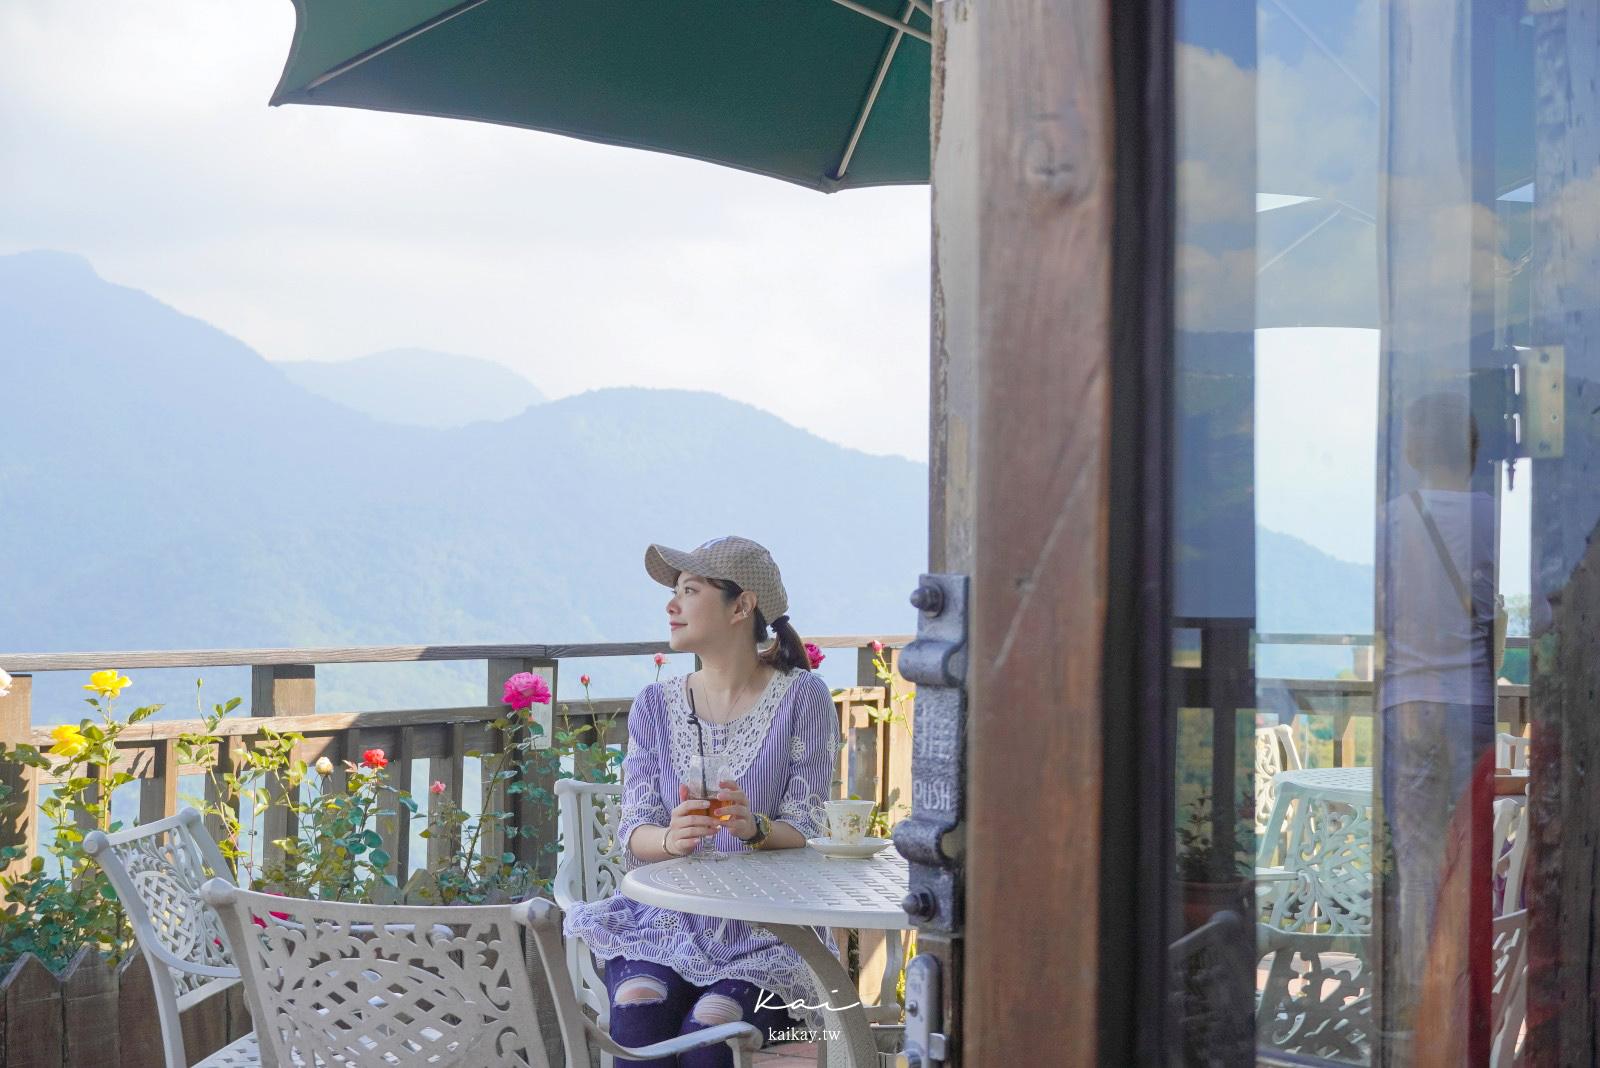 ☆【清境 來福居】IG爆紅歐洲都鐸式鄉村民宿。俯瞰老英格蘭的絕美下午茶